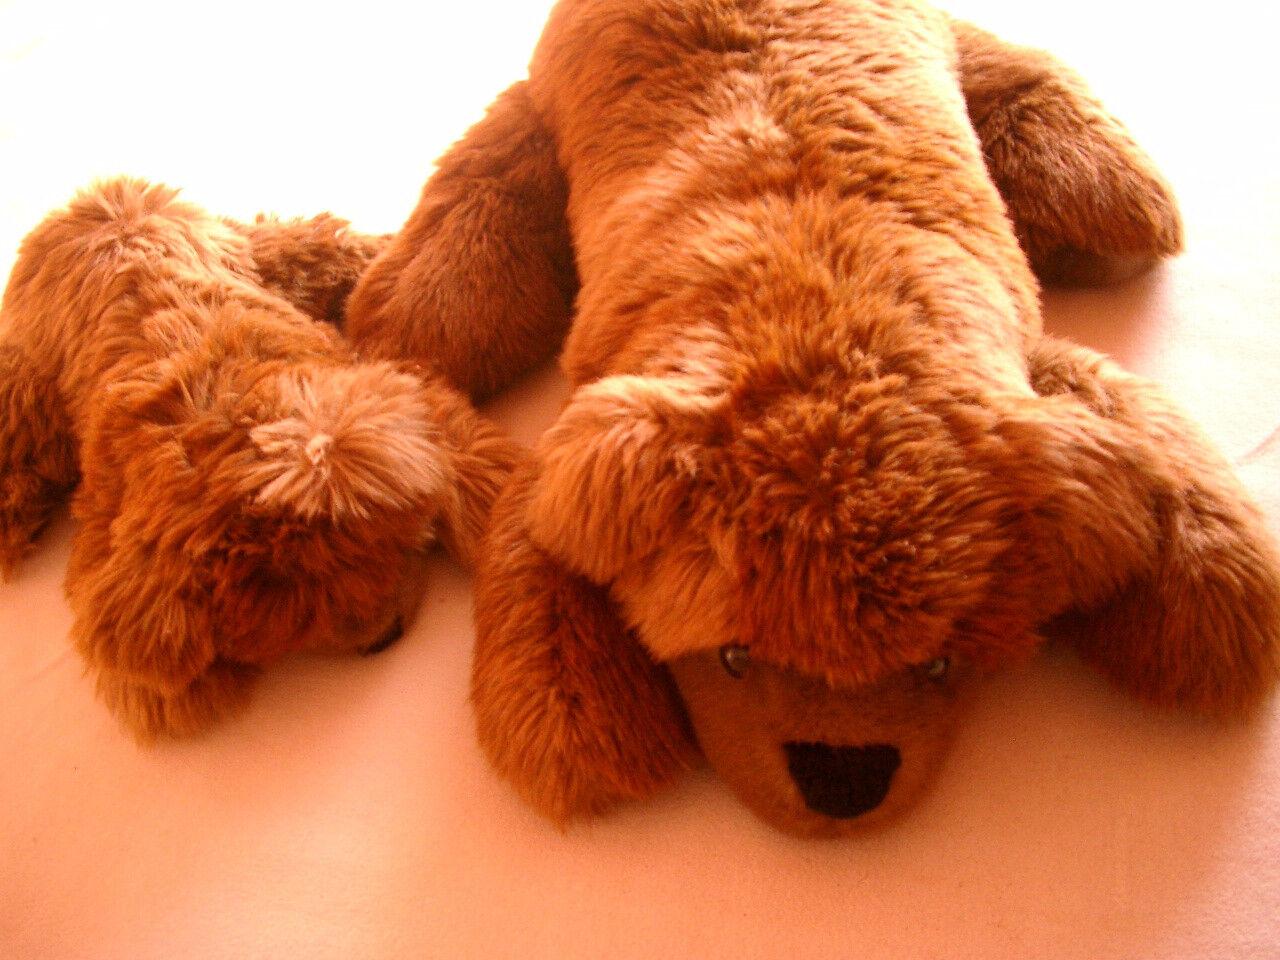 Teddybaermama mit Kind, gebraucht, aber sehr gut erhalten    Haltbar